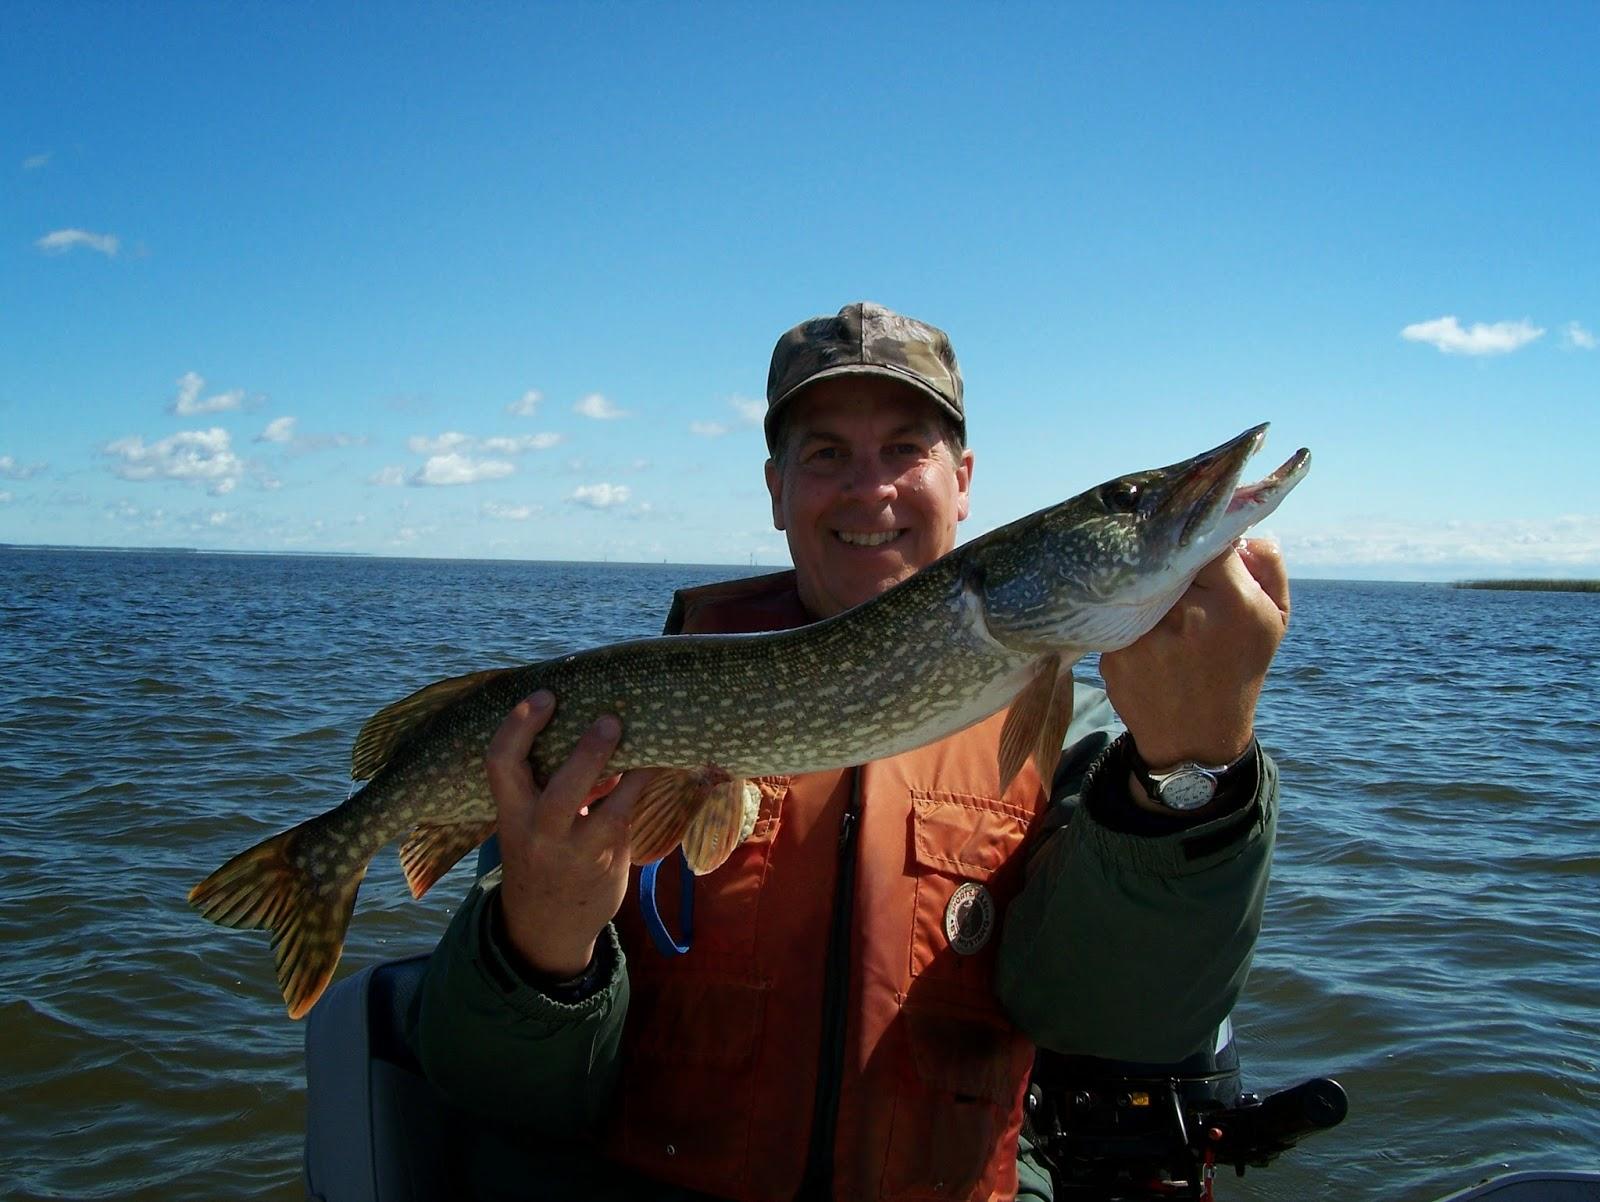 Pêche lac Saint-Pierre, Daniel Lefaivre, la pêche au Québec, blogueur de pêche, blogueur sur la pêche